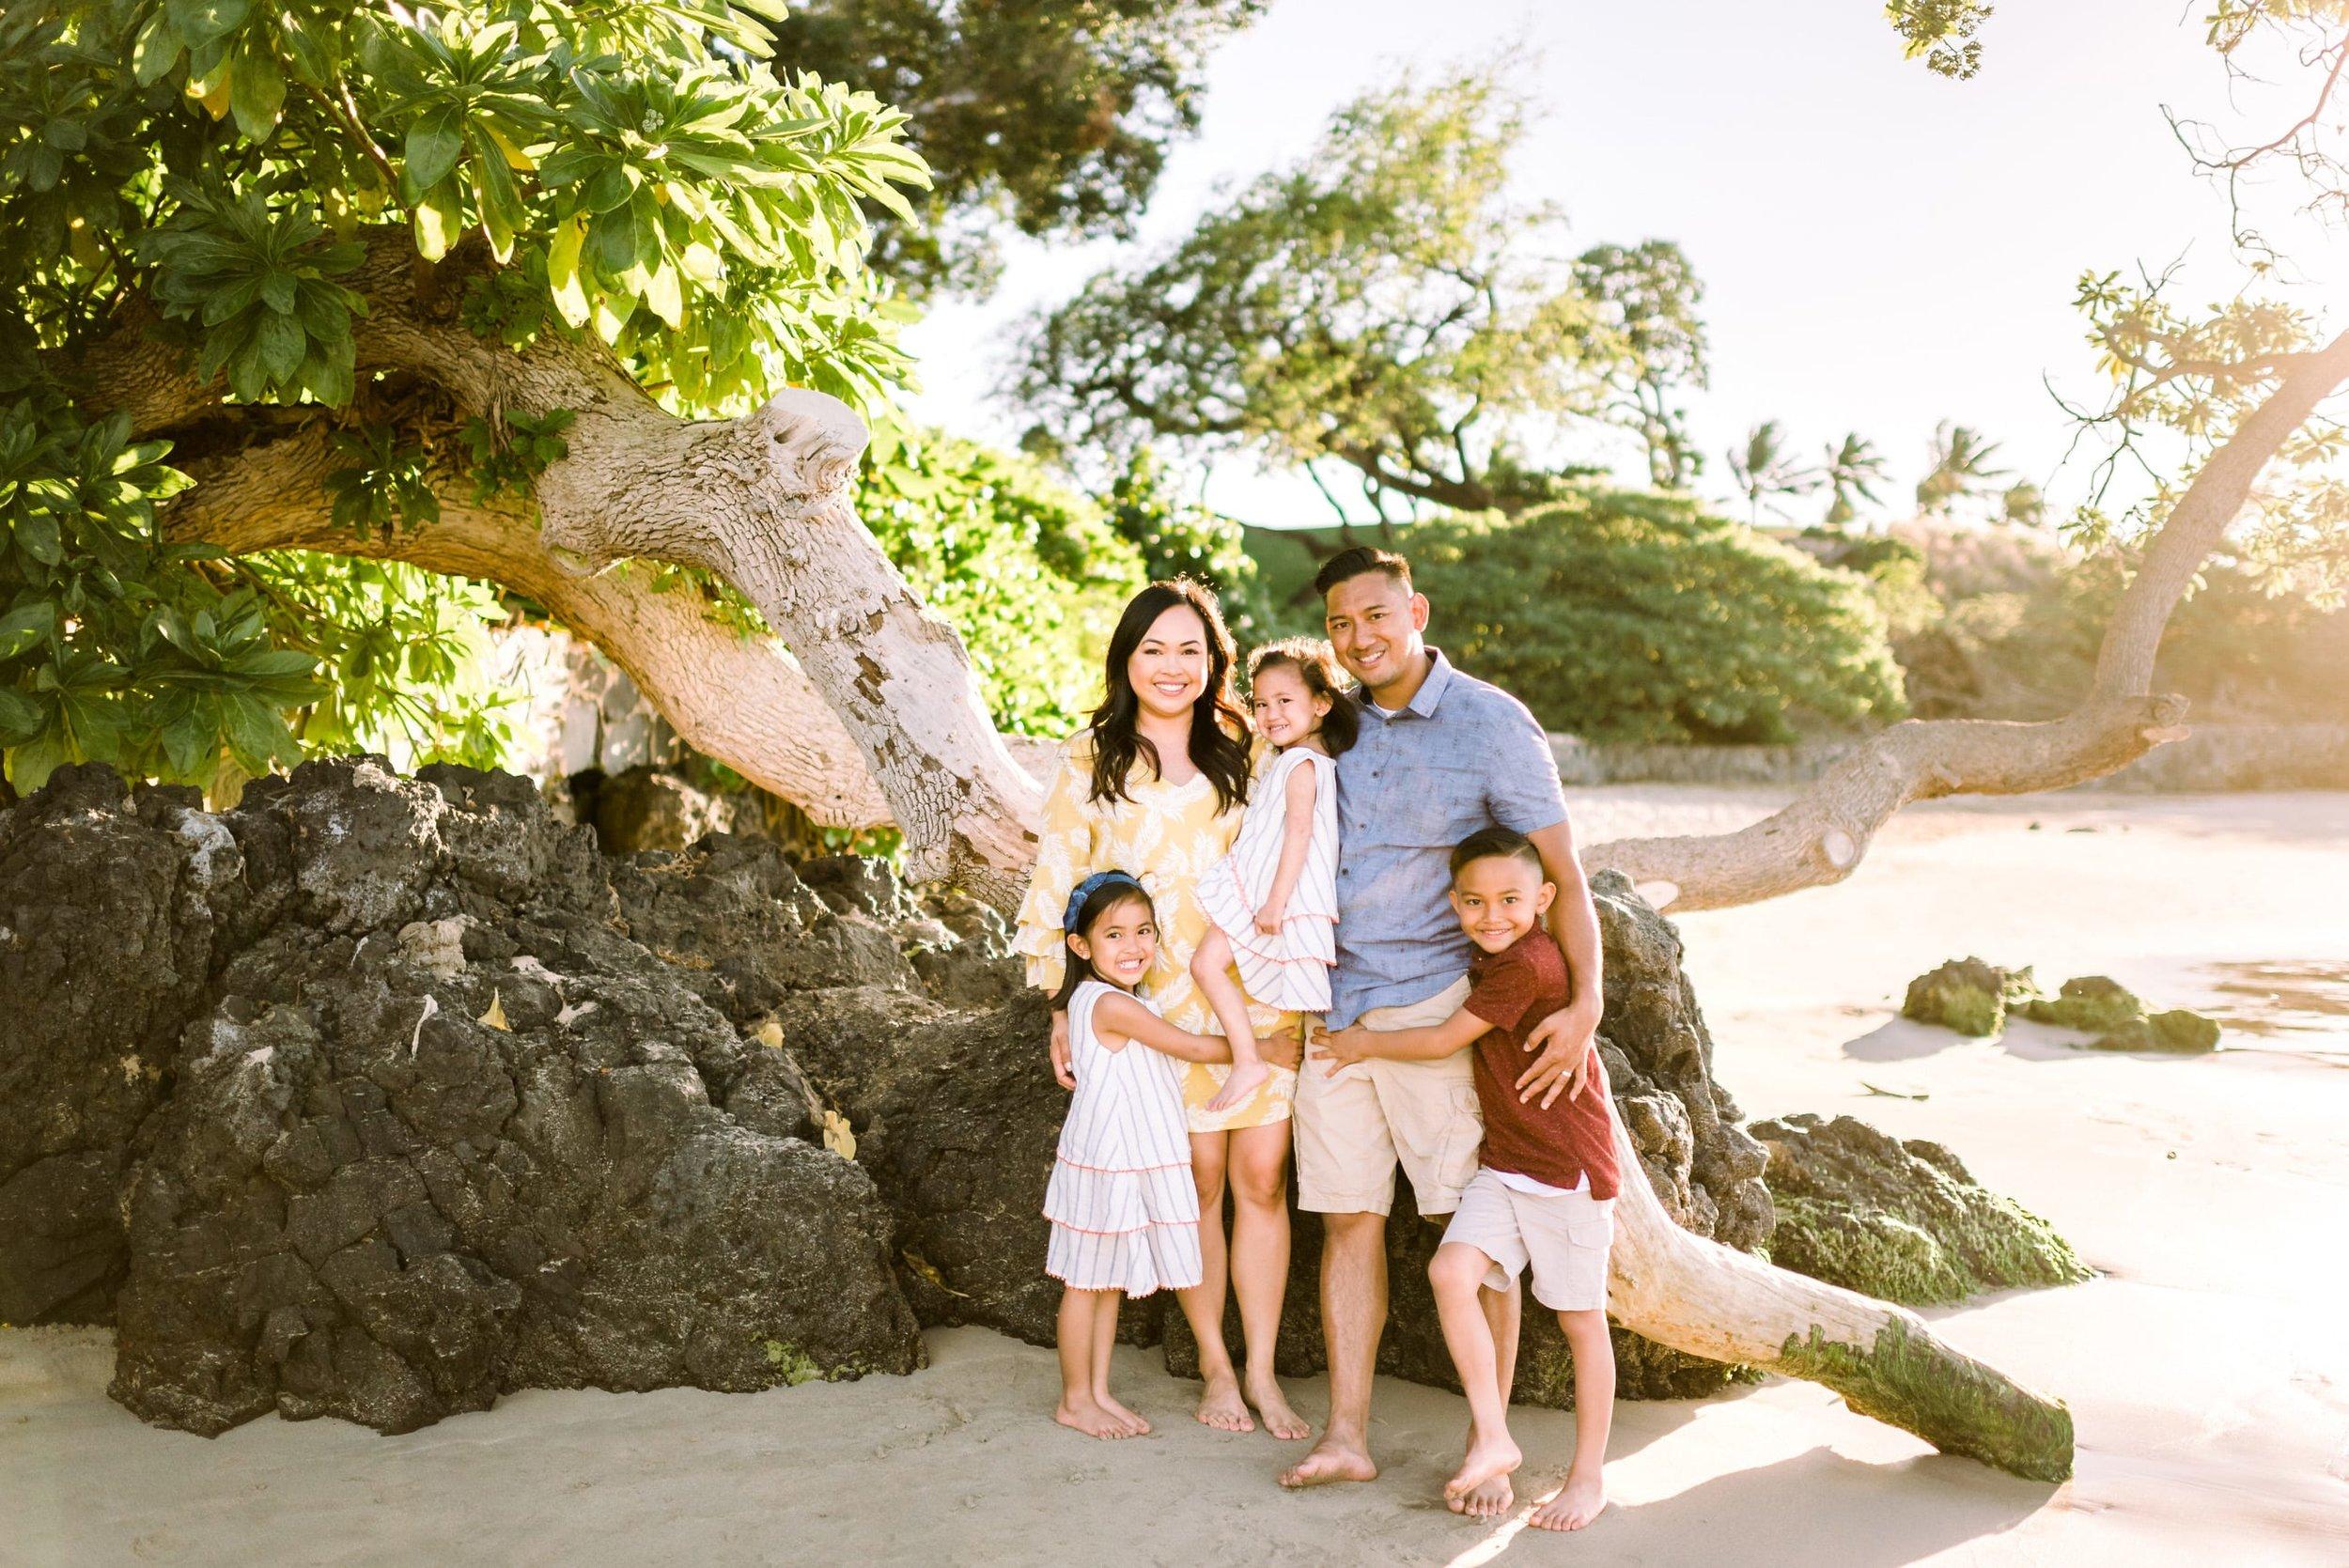 Mauna-Kea-Family-Photographer-Hawaii-Sunset-1.jpg